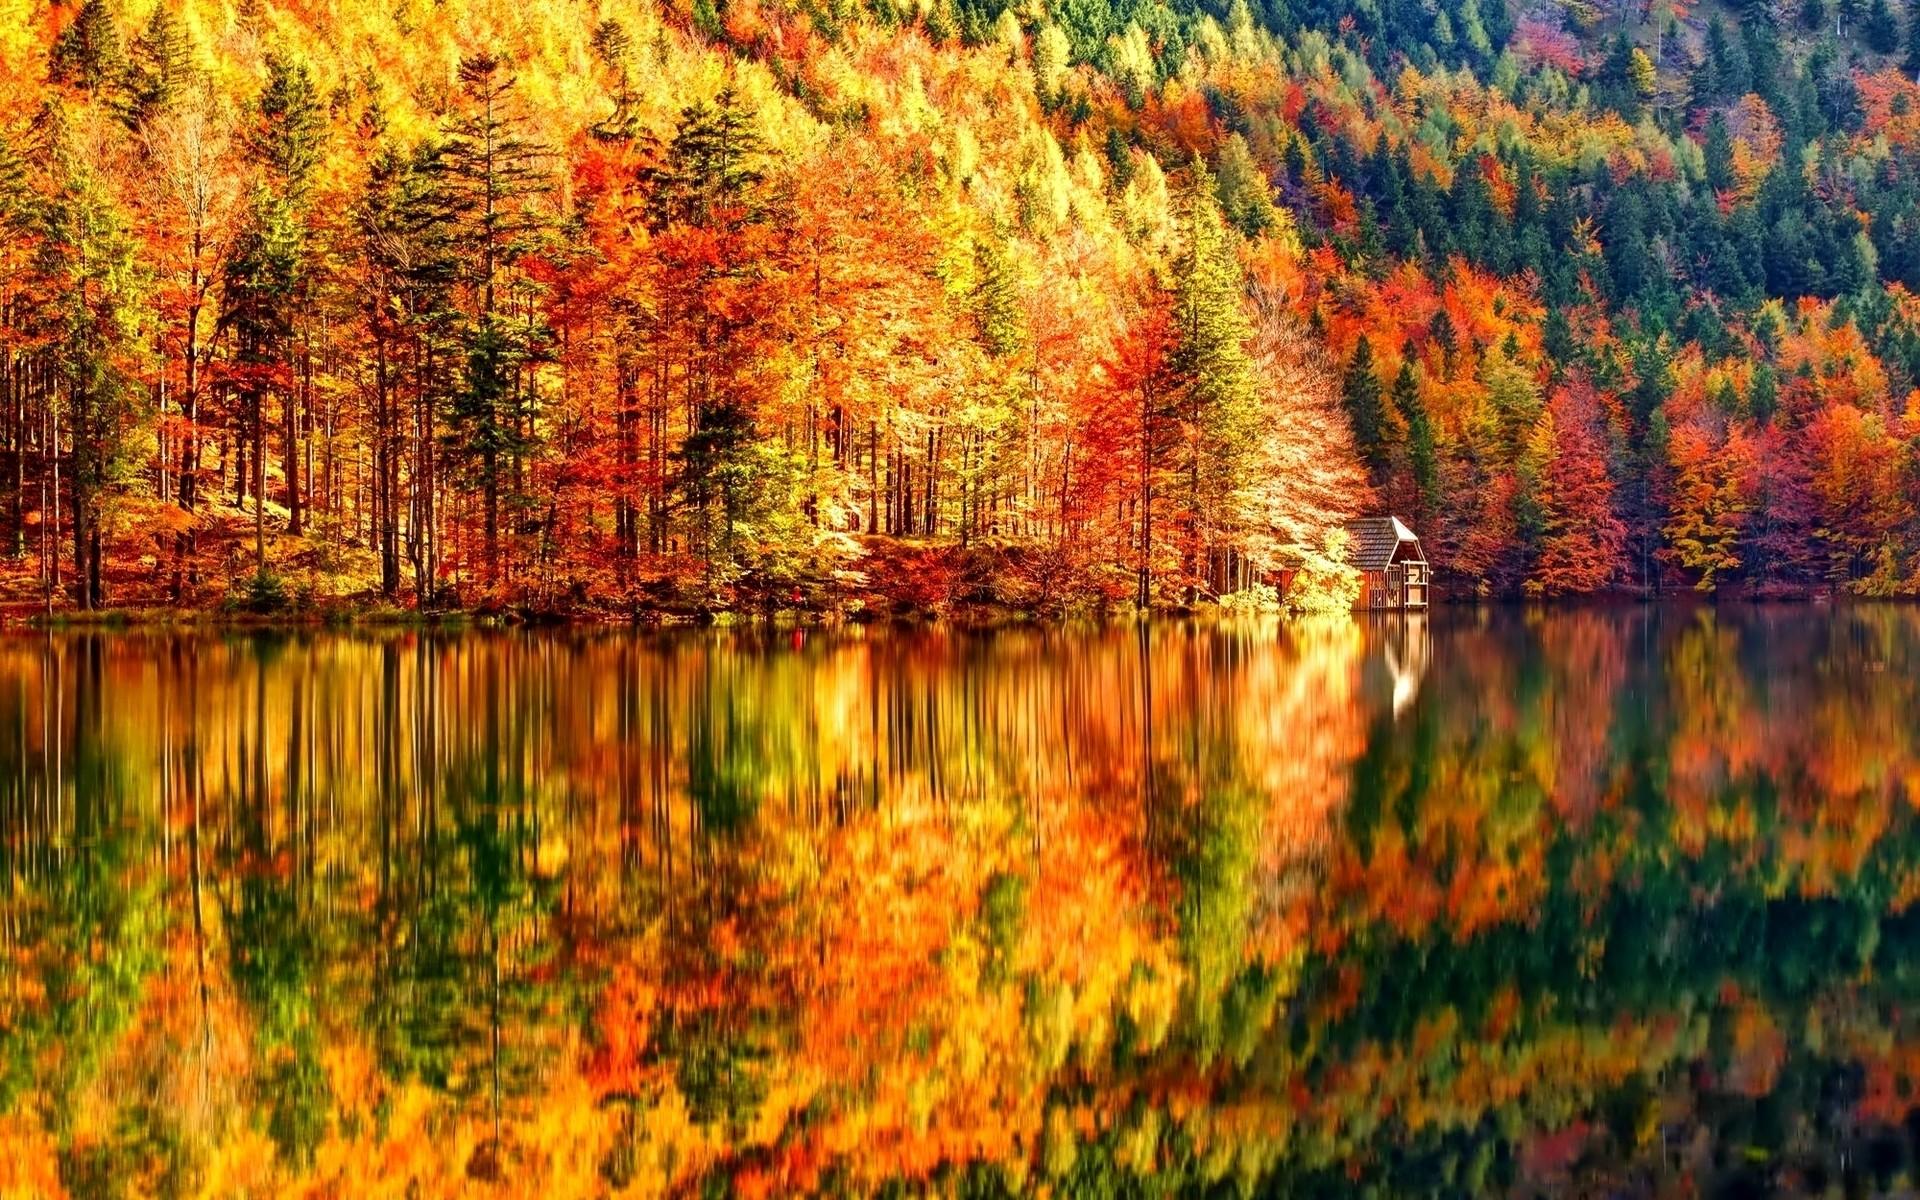 Wallpaper HD Autumn Landscape – HD Wallpaper Expert